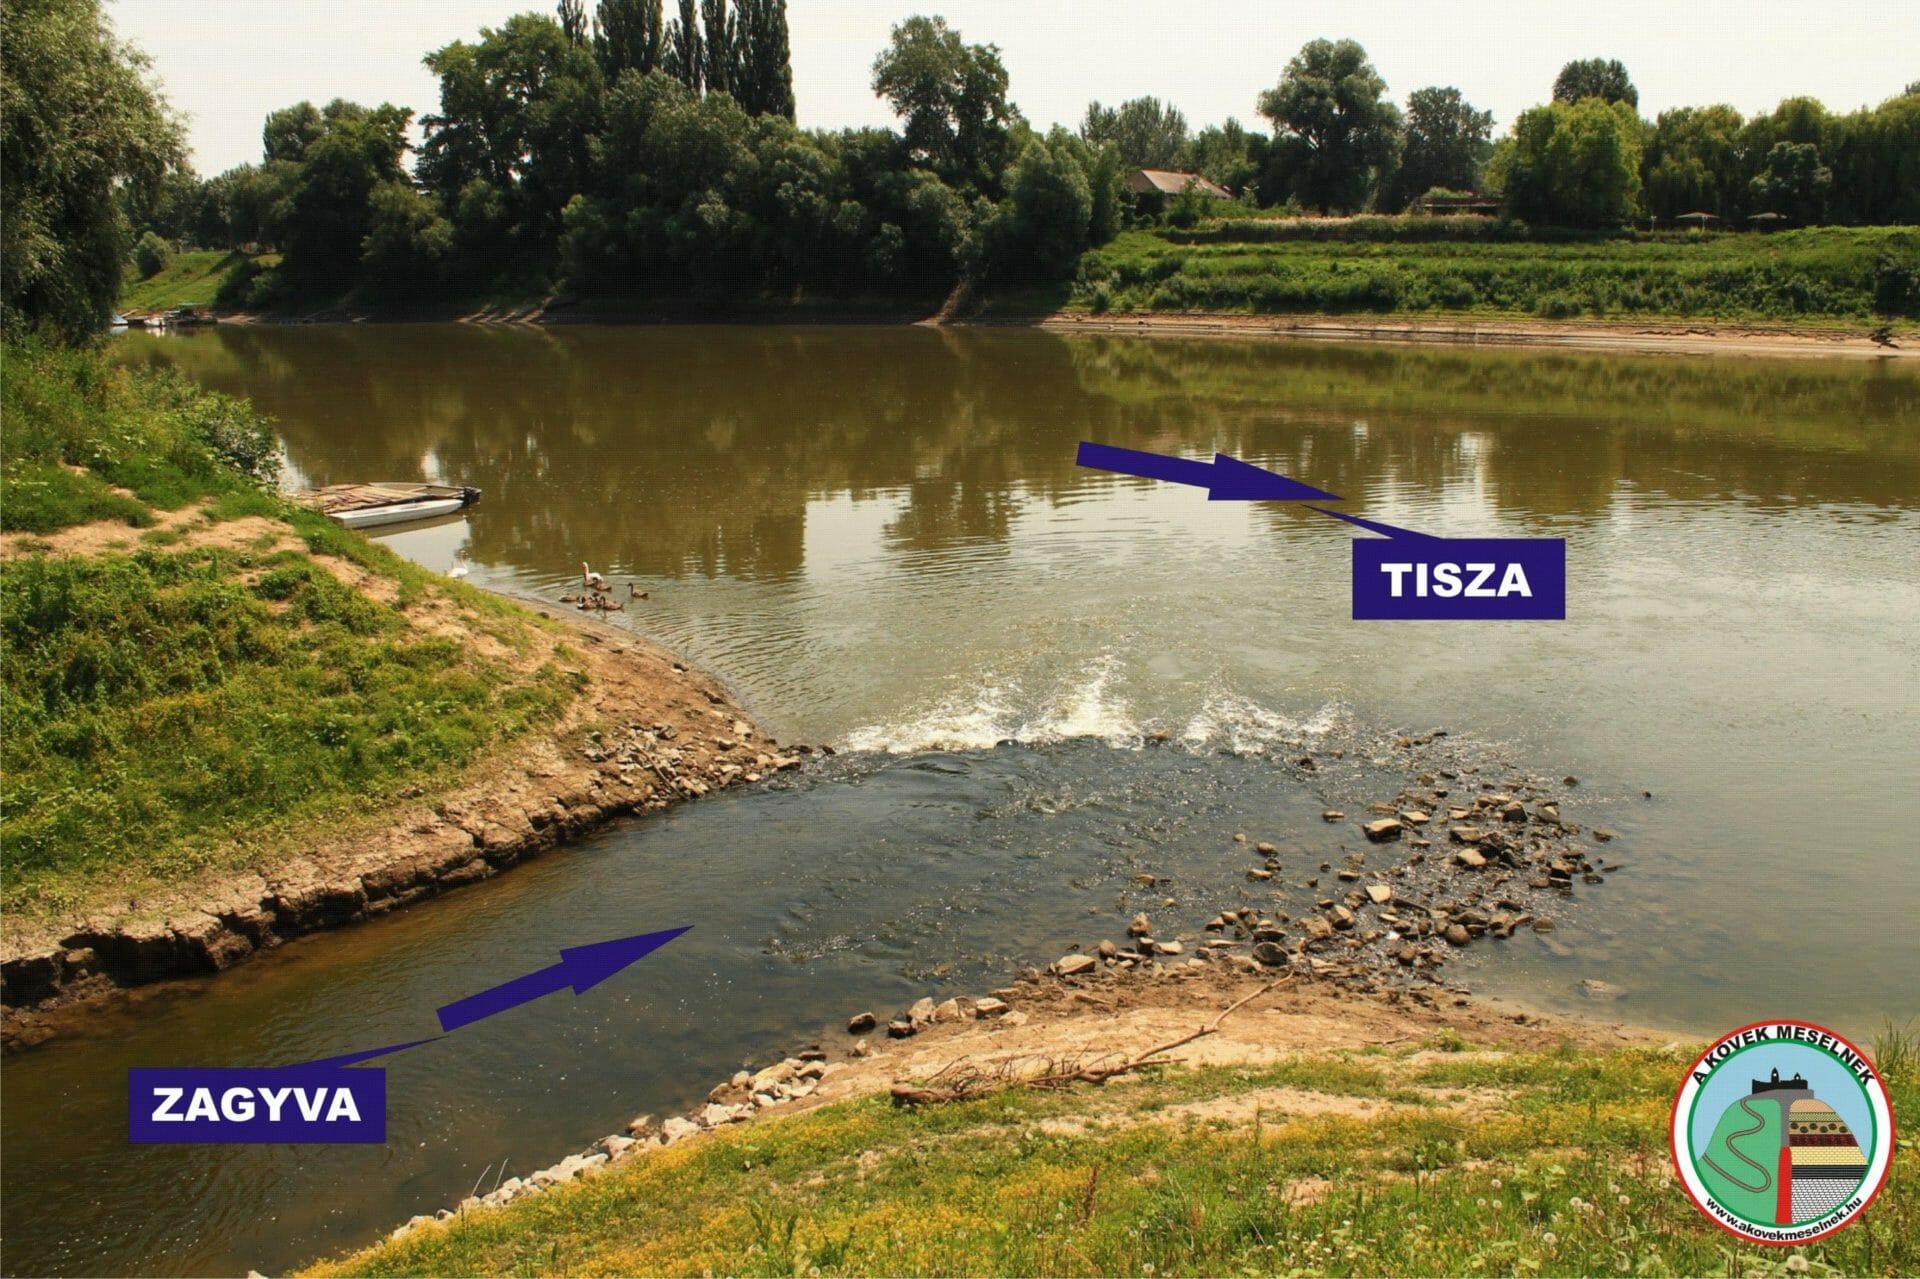 Zagyva folyó (hidroszféra)